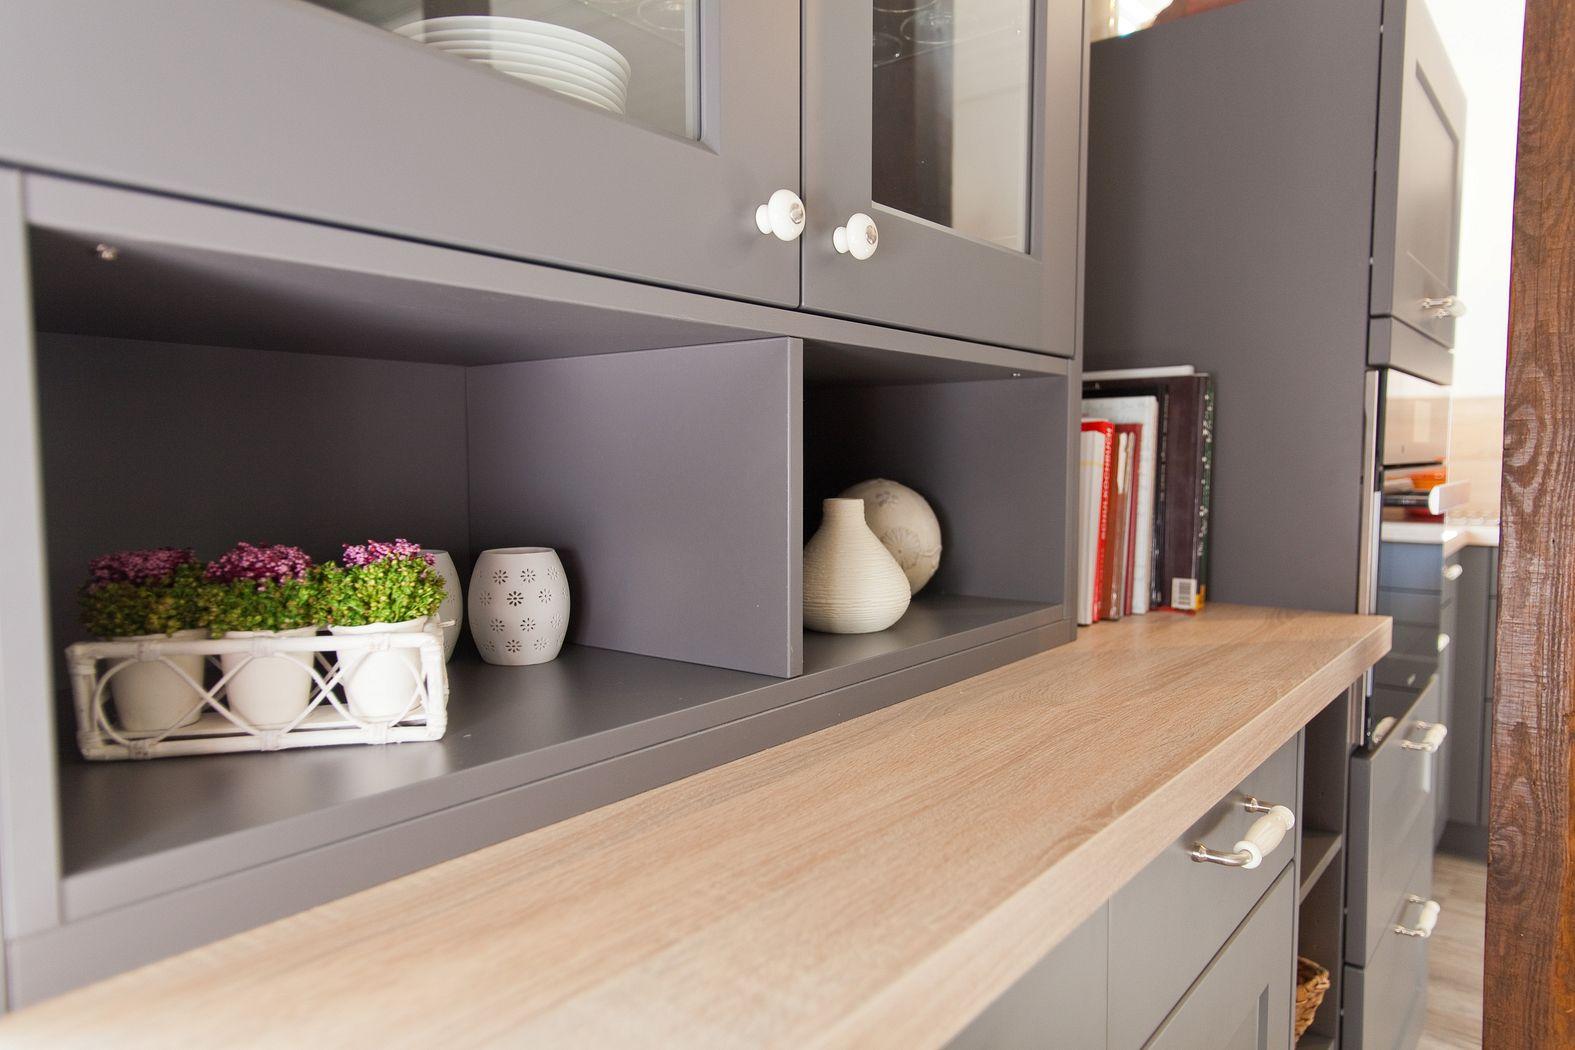 Küchenmöbel einzeln  Küchenmöbel kaufen ☆ Günstig bis exklusiv ☆ Küchenhaus Thiemann